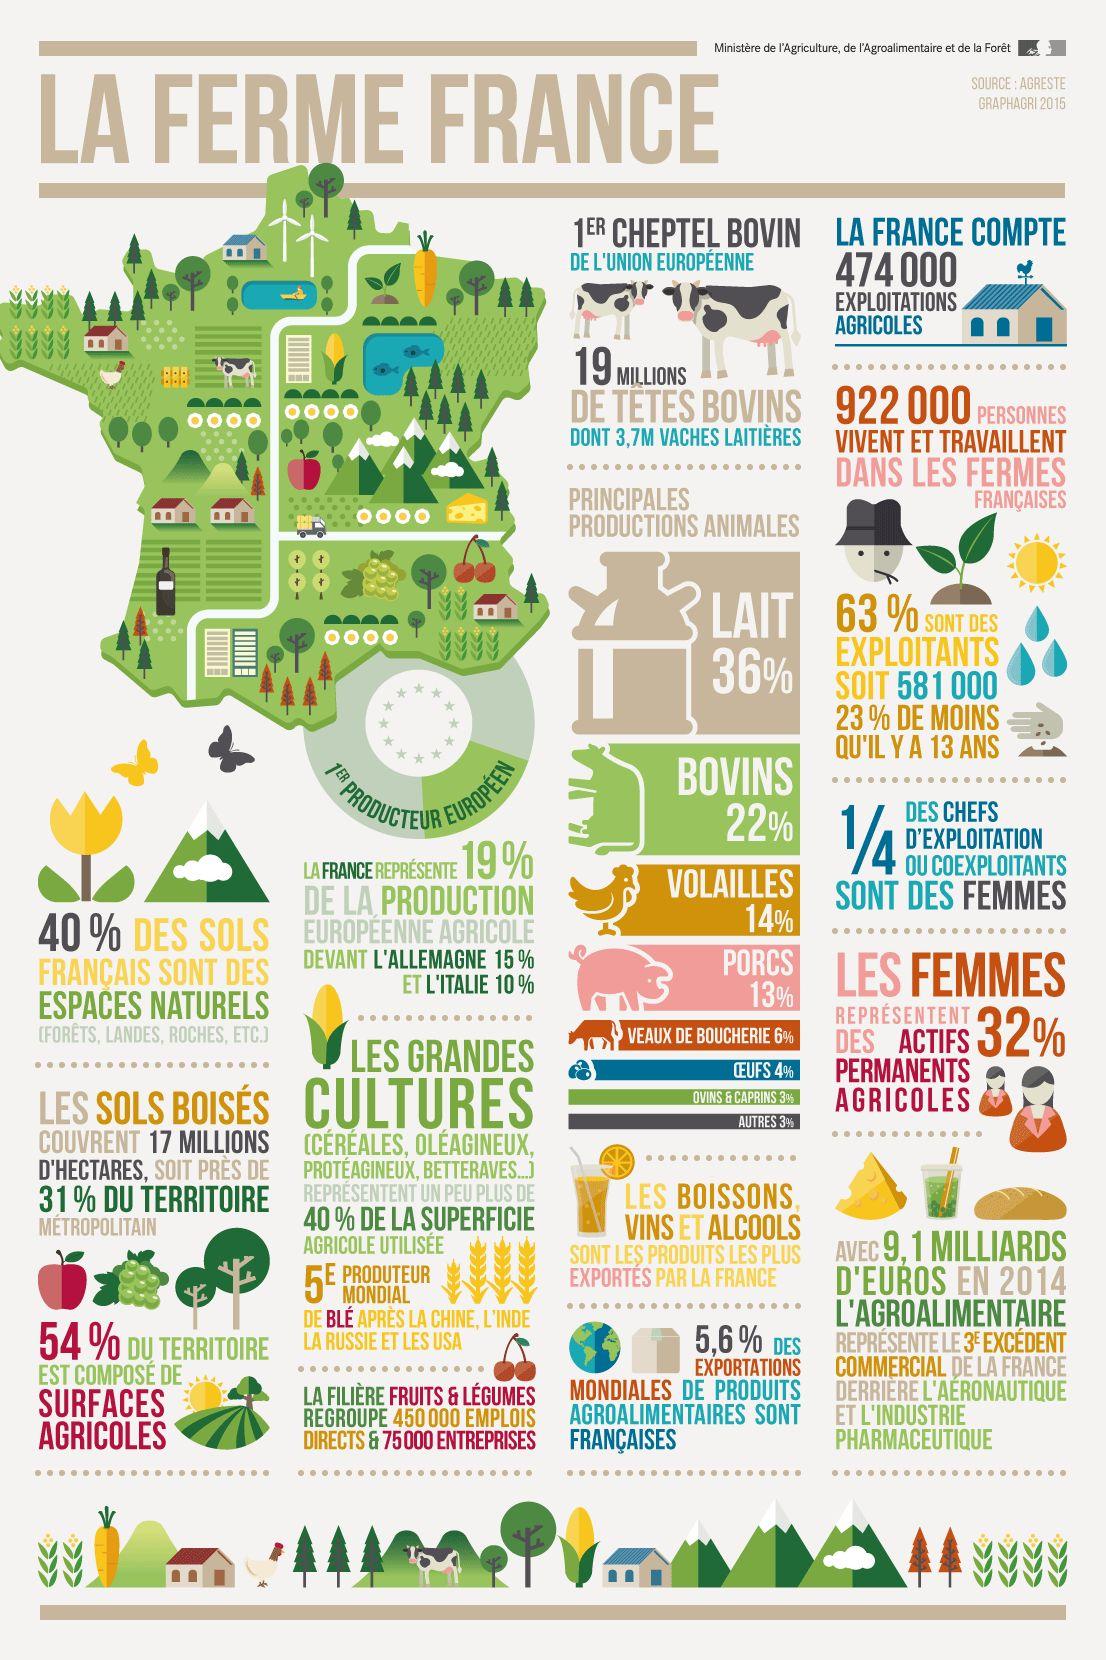 fermefrance2017 2 - Chiffres clés de l'agriculture et de l'élevage en France